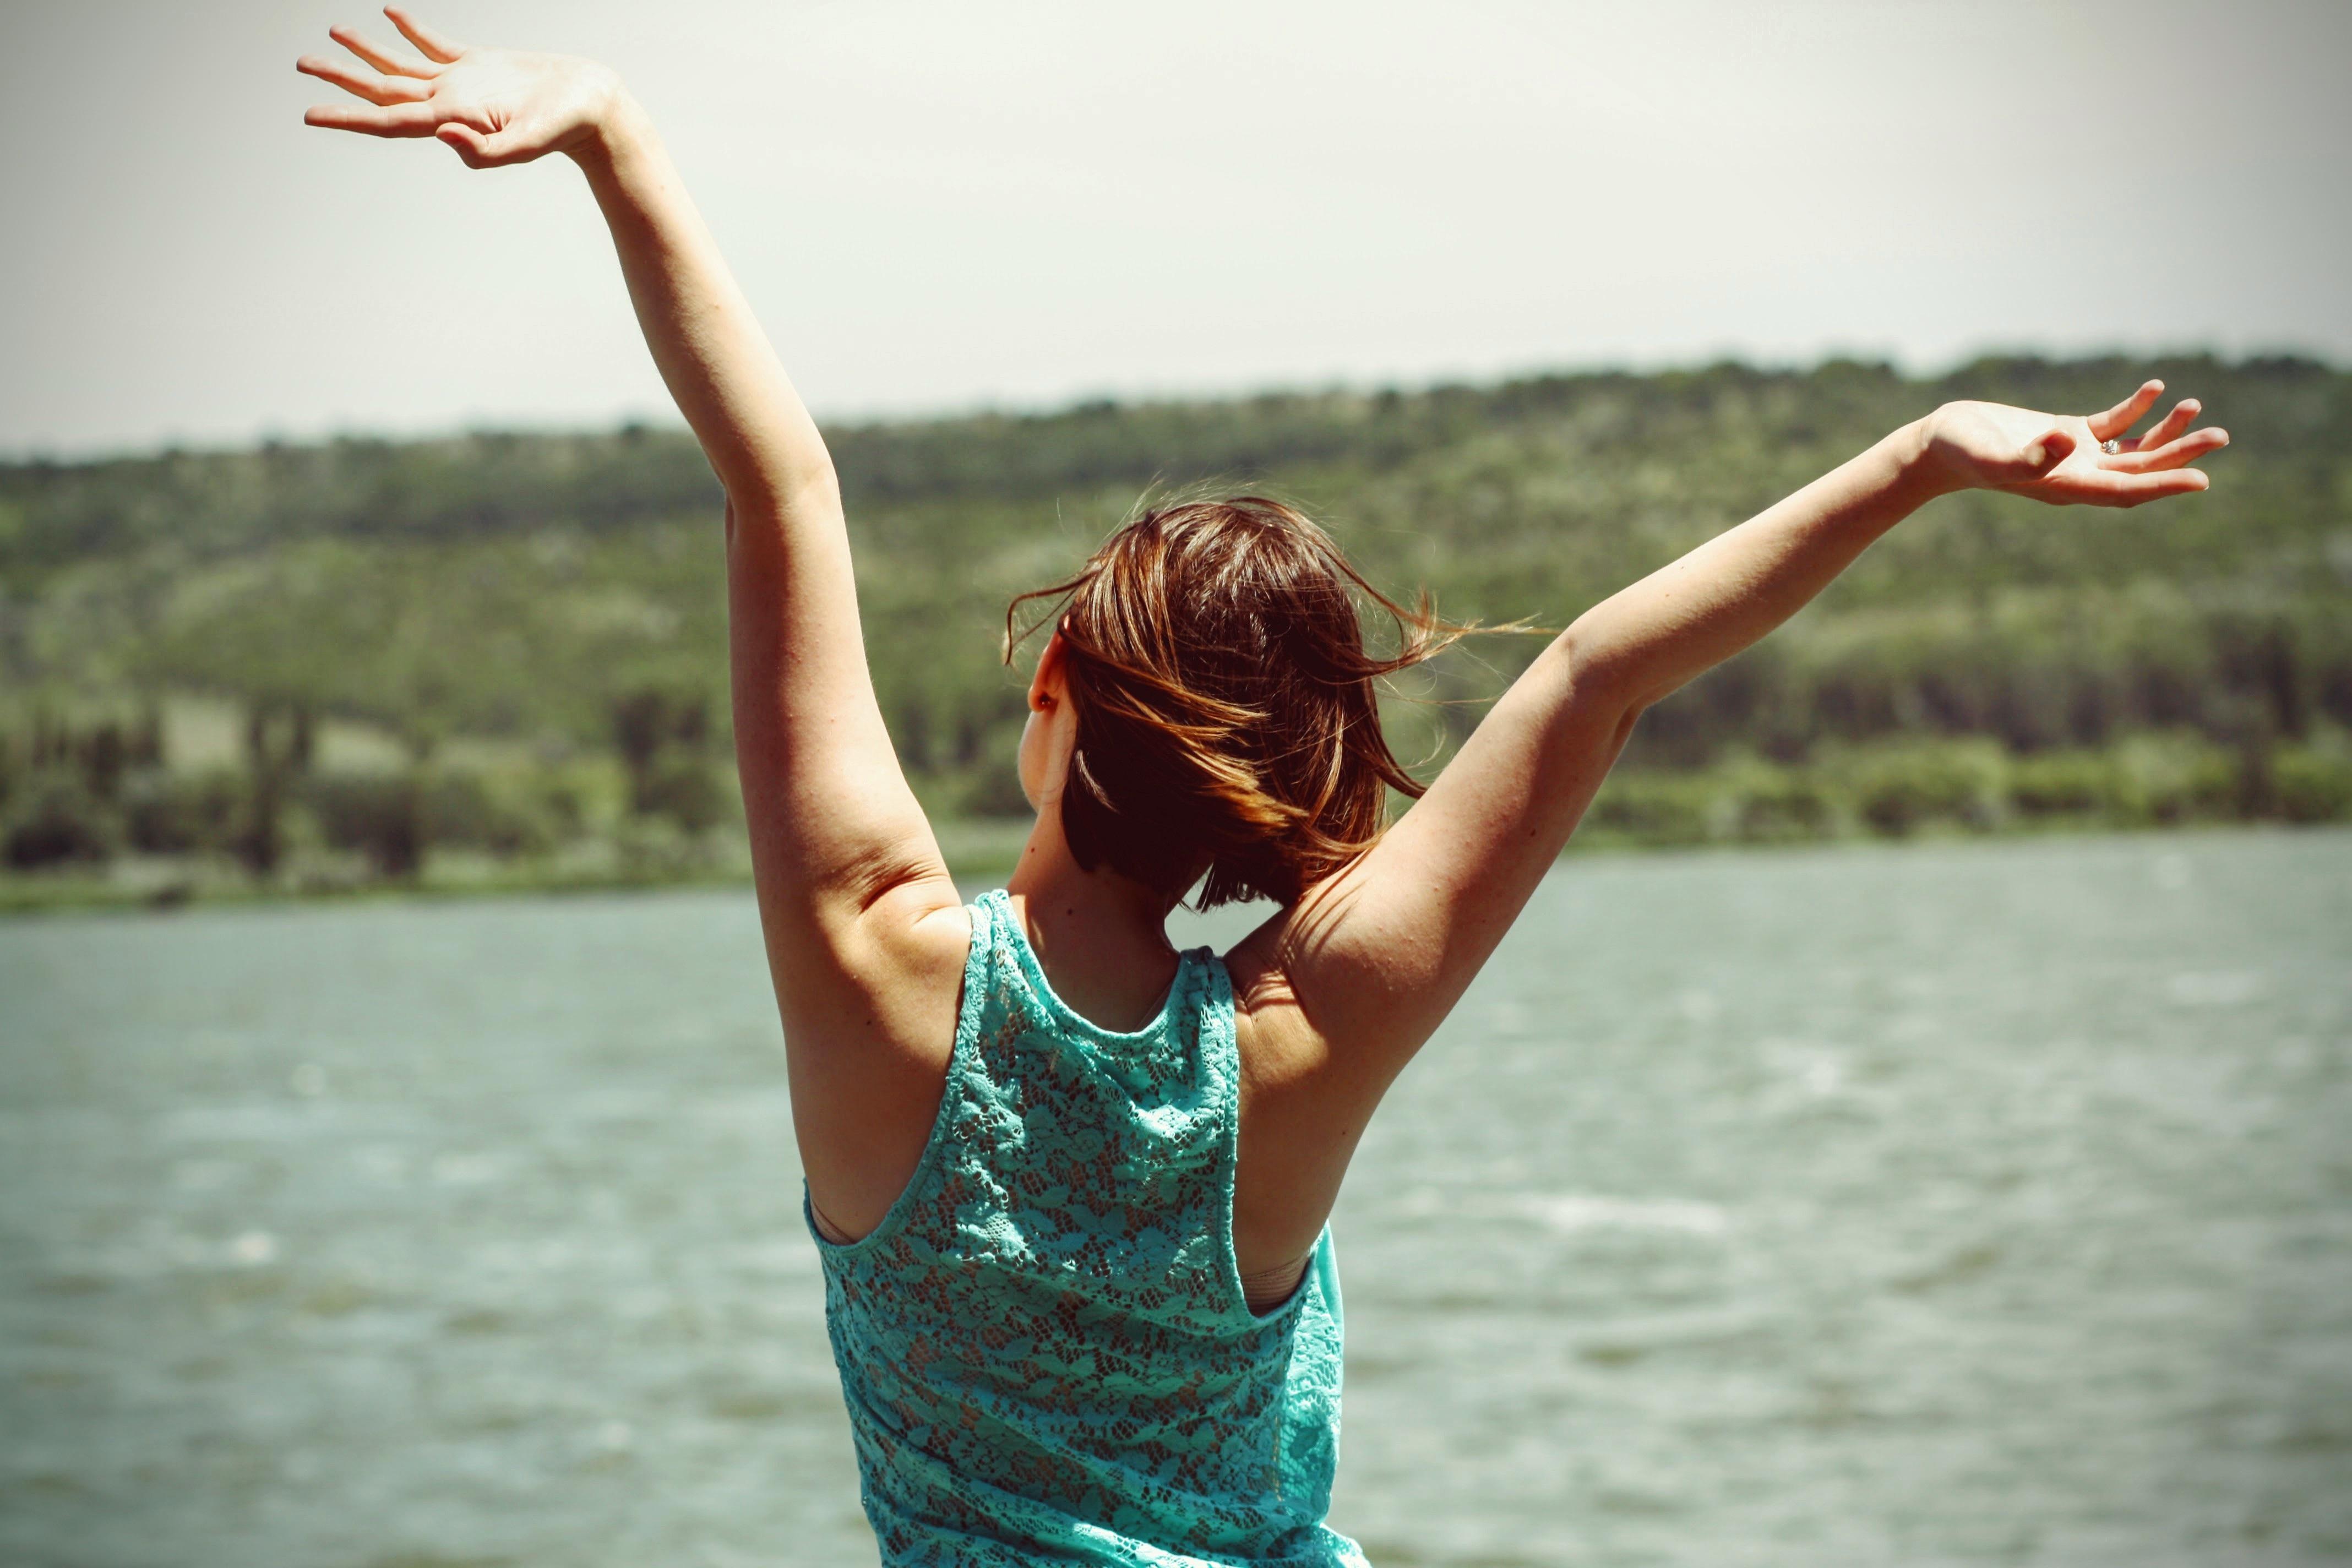 Joven de espaldas, brazos hacia arriba mirando a un lago